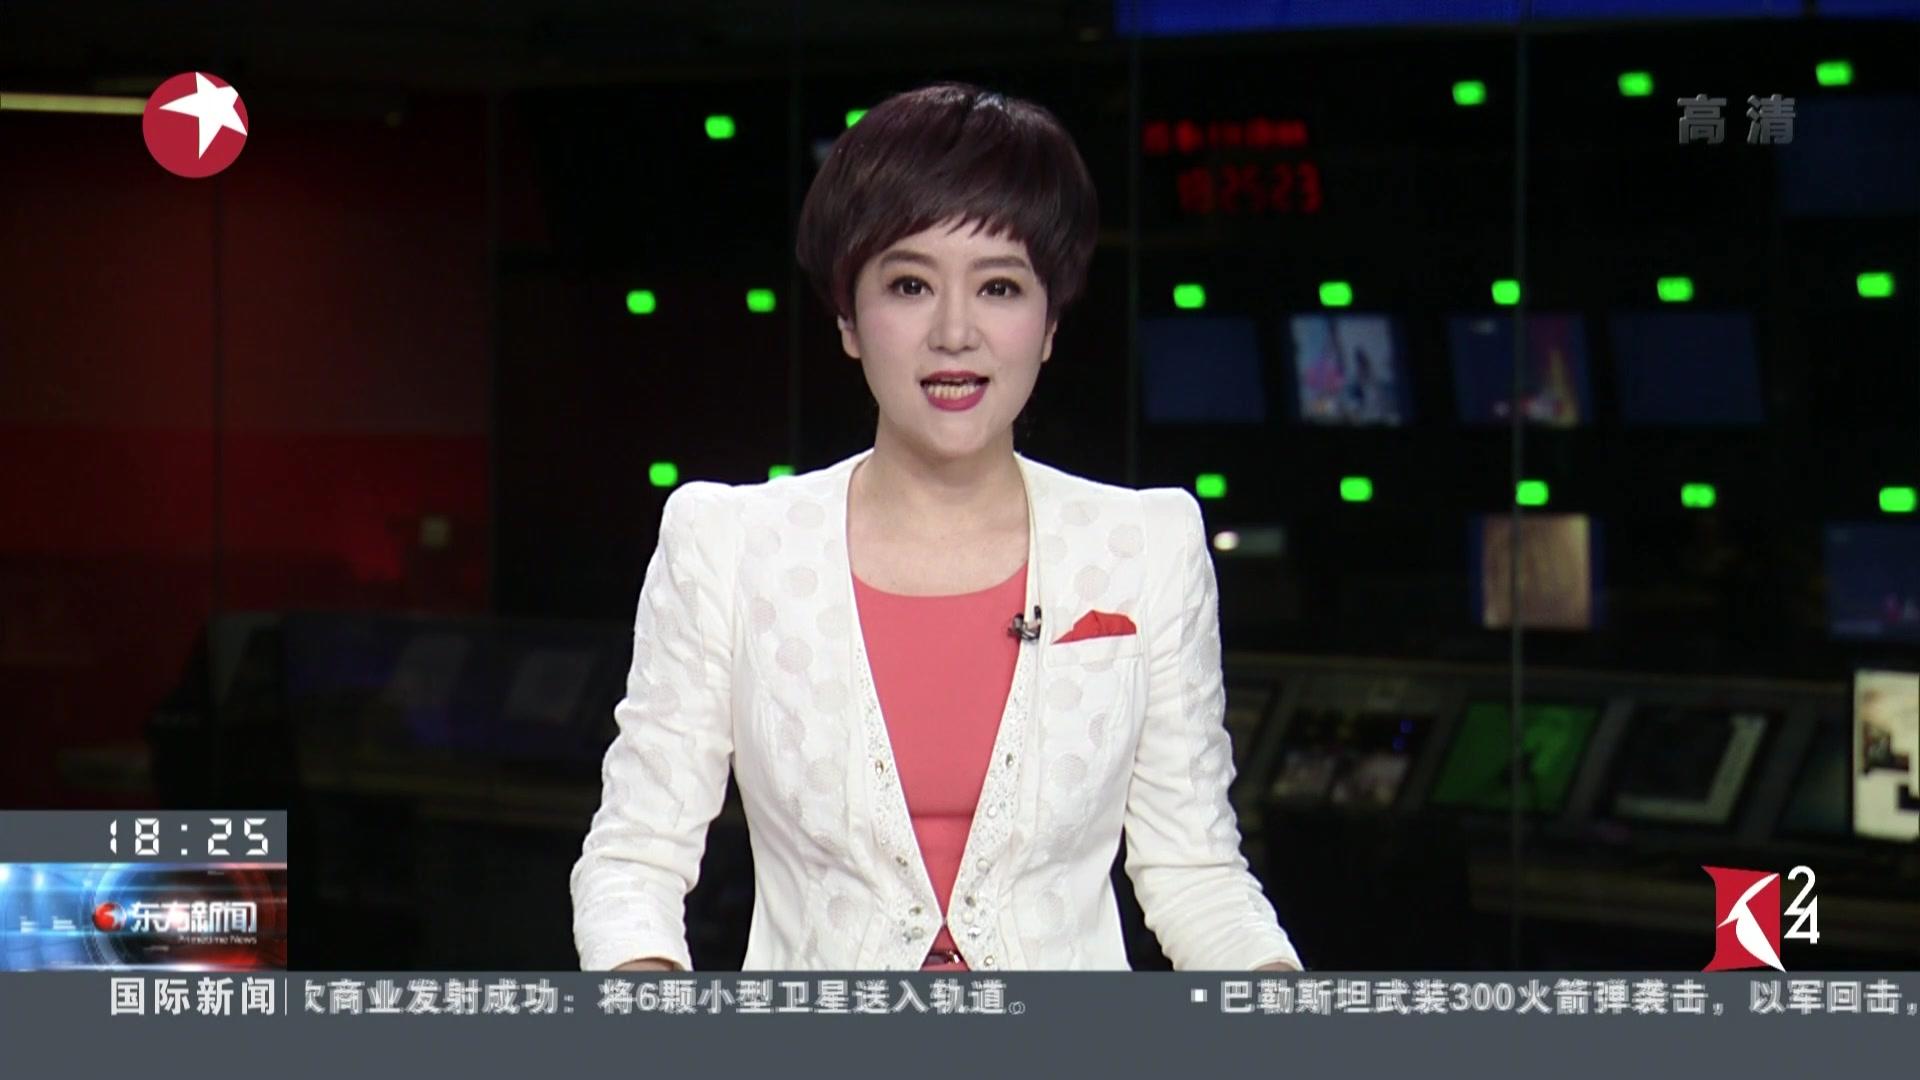 锦江国际完成收购丽笙酒店集团